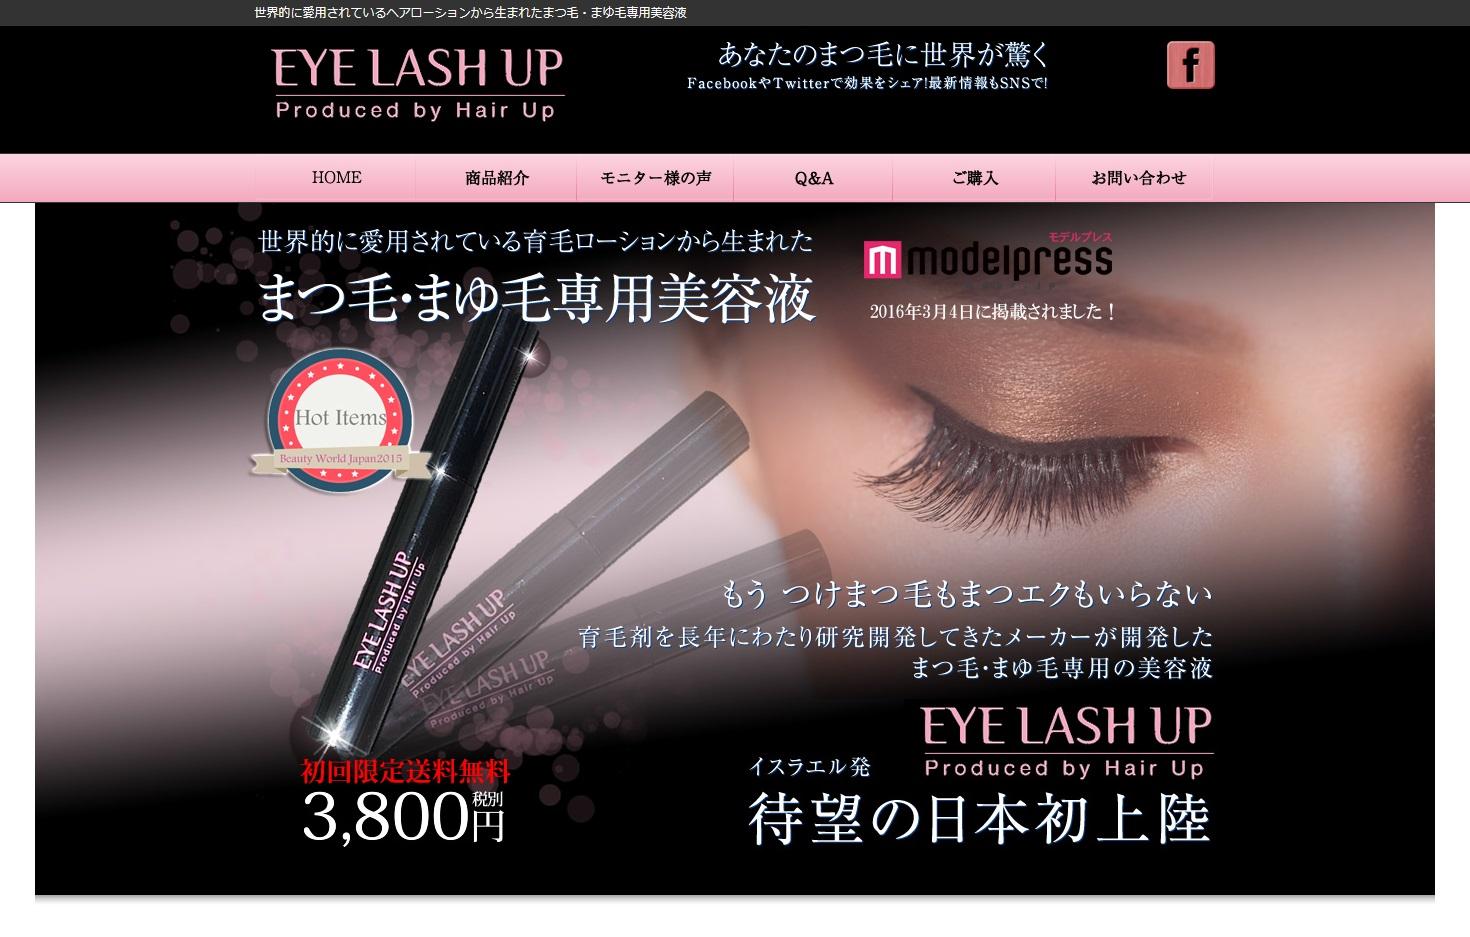 Eyelash-Up Japan